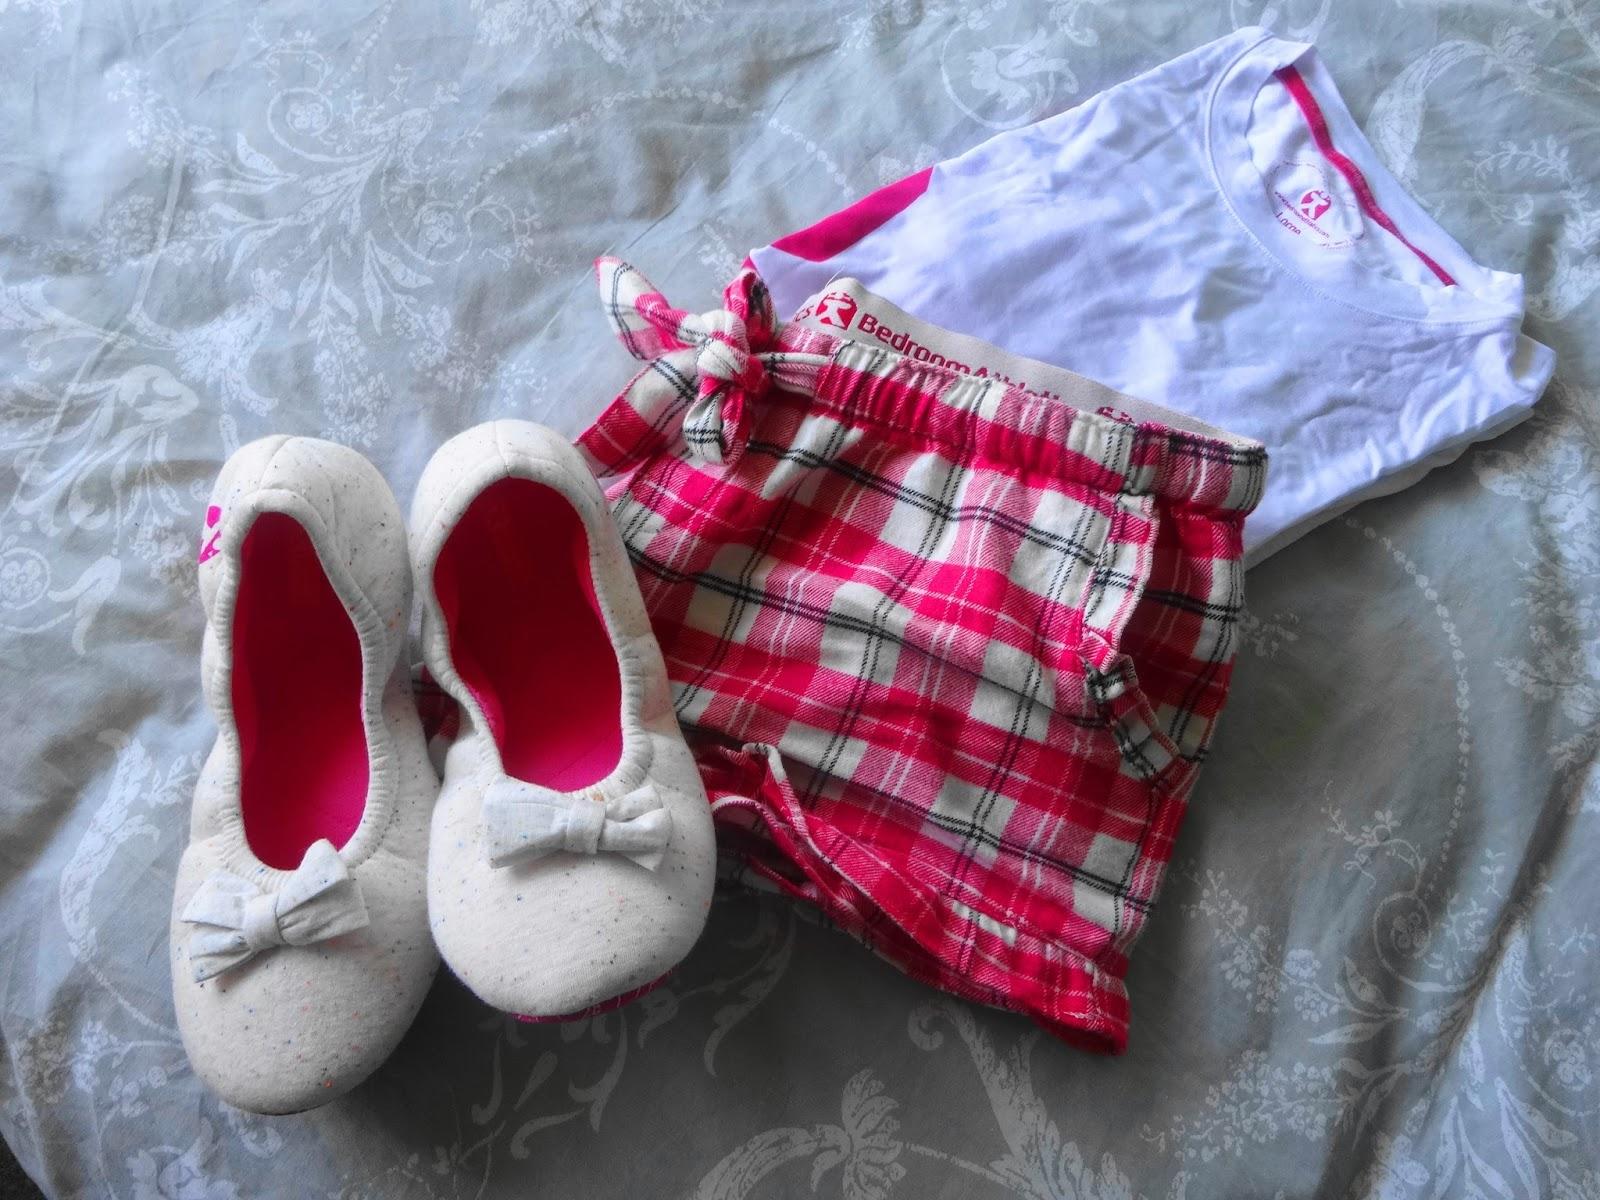 Bedroom Athletics Sleepwear